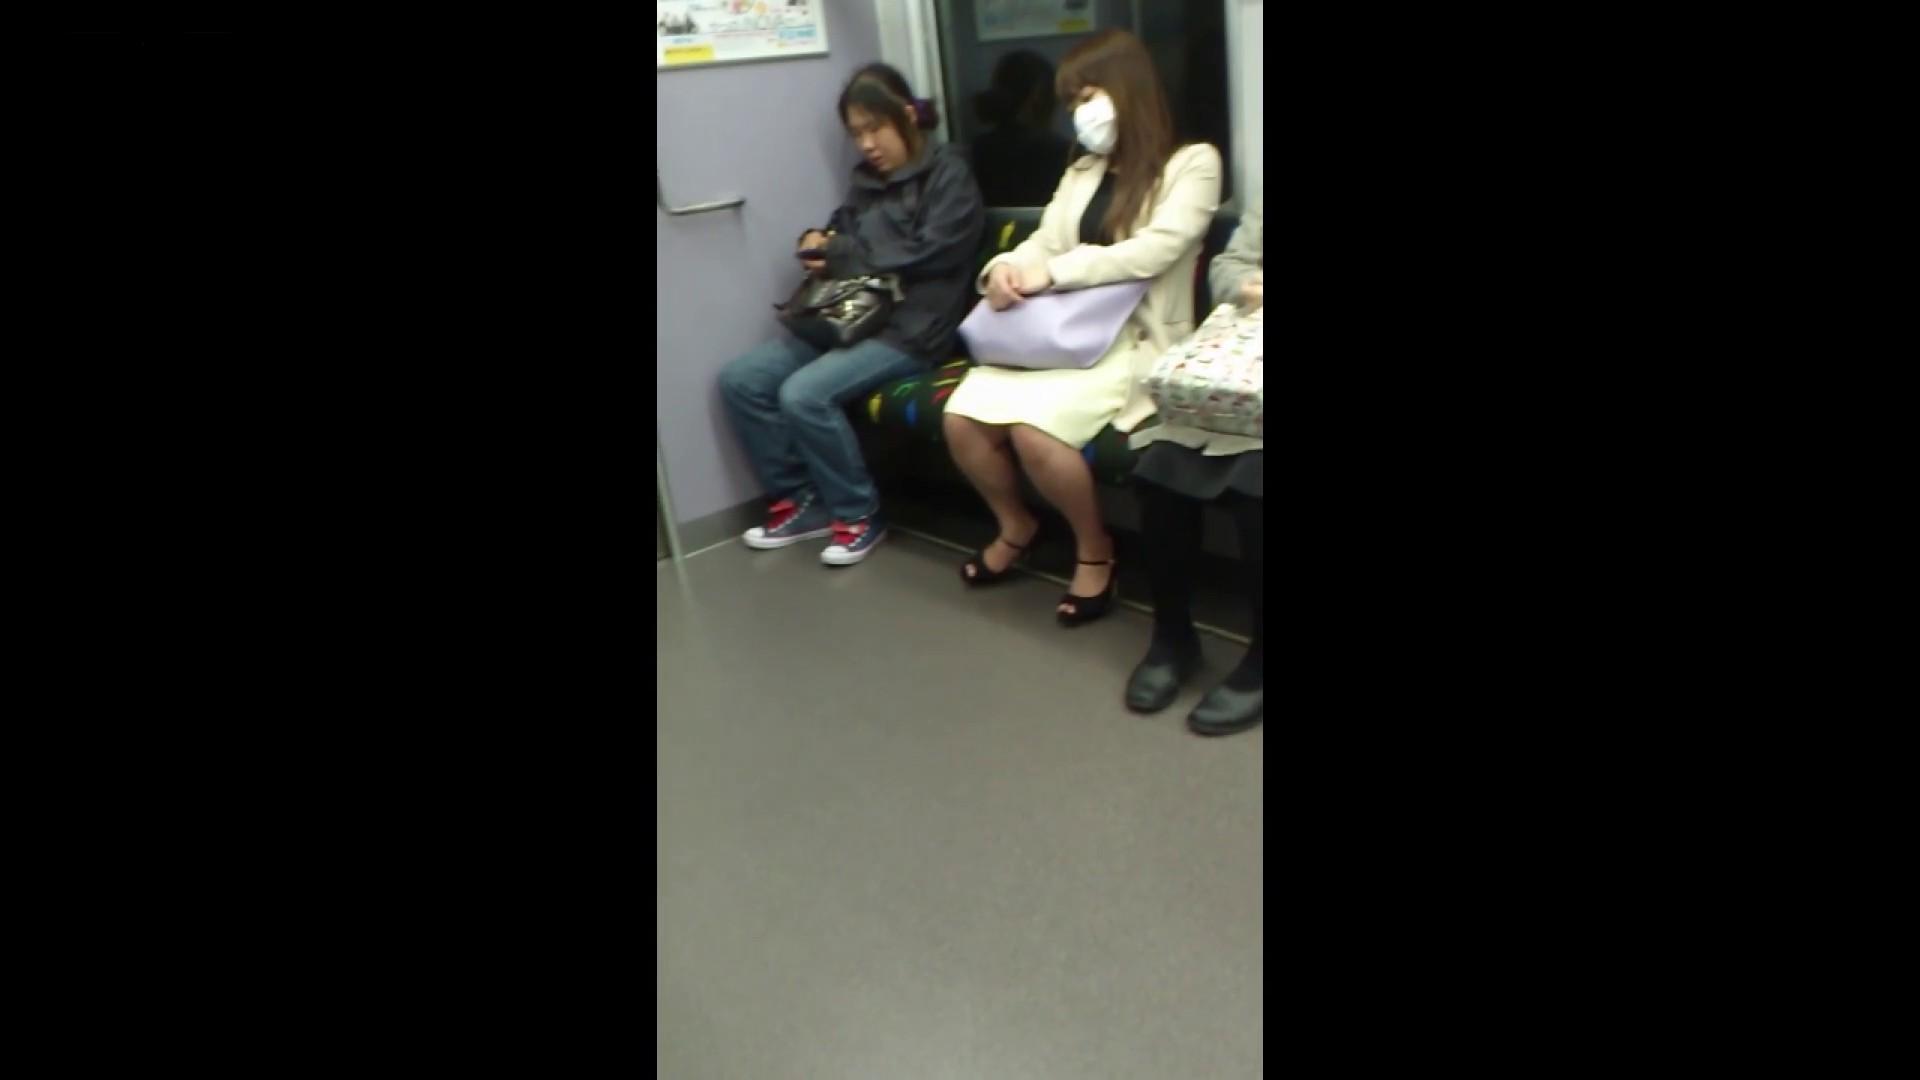 盗撮列車 Vol.55 黄色の爽やかなスカートが大好きです。 盗撮編 AV無料動画キャプチャ 89枚 64